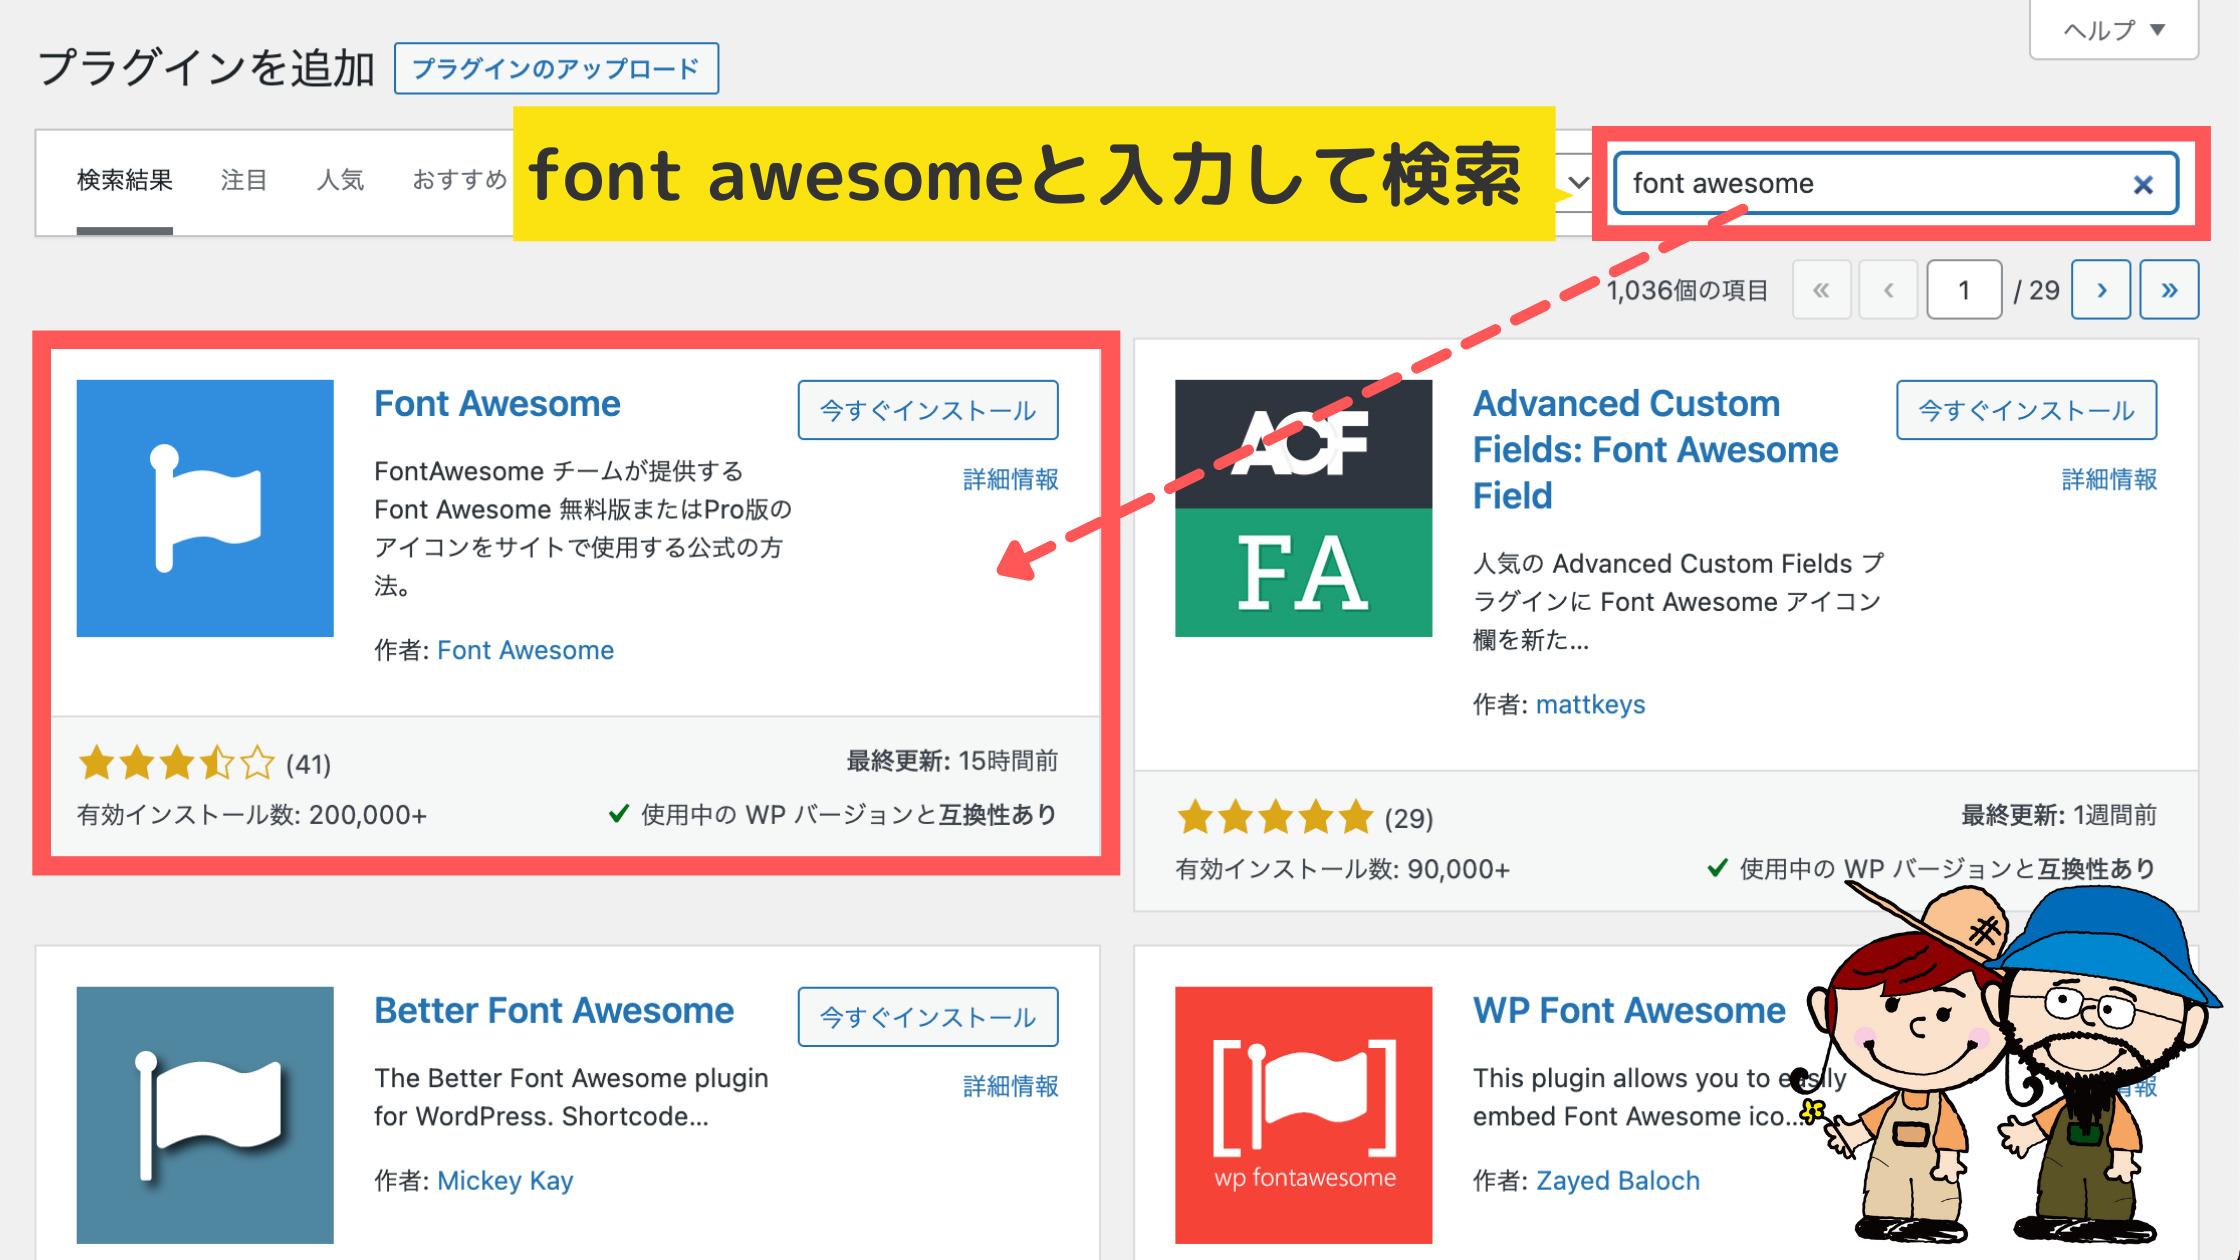 プラグイン「Font Awesome」の導入方法